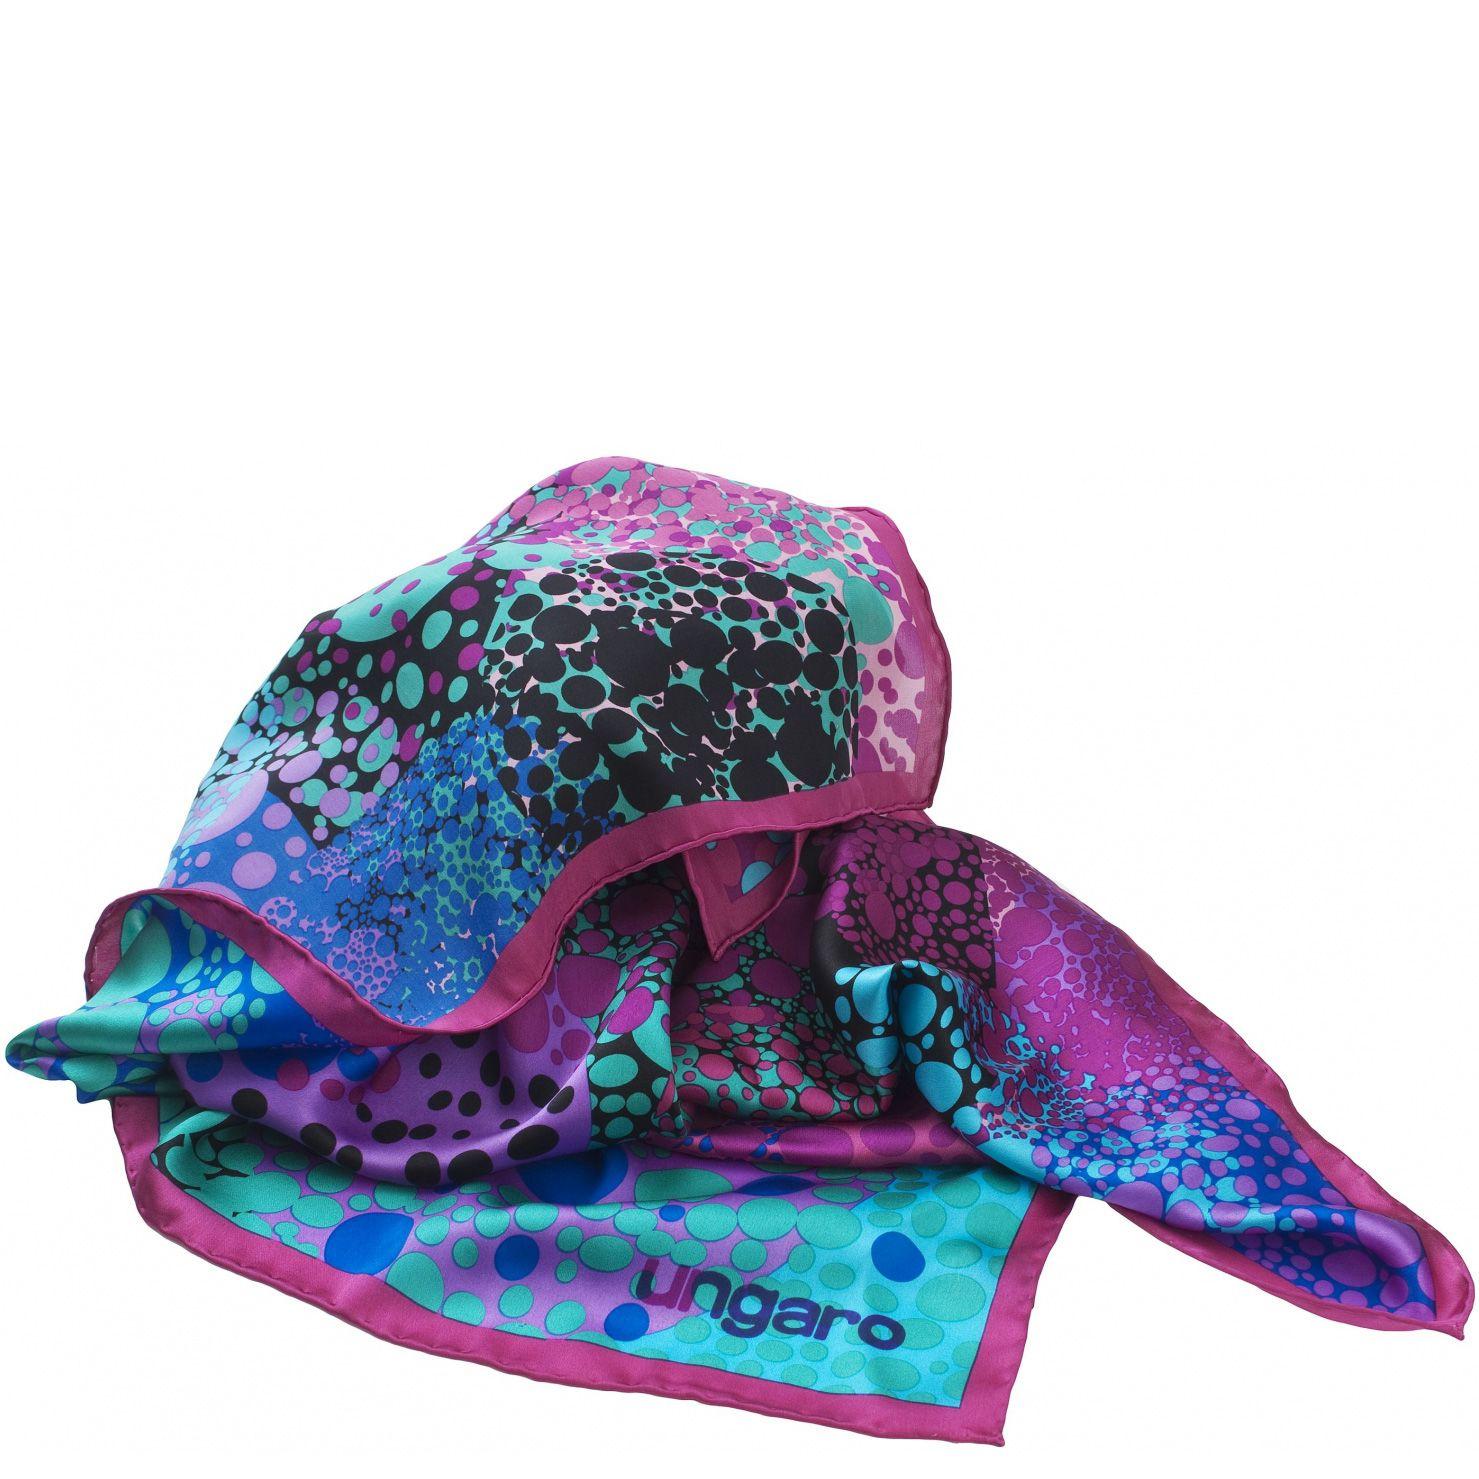 Платок Ungaro «Pomezia» шелковый в сочетании цветов морской волны и фуксии